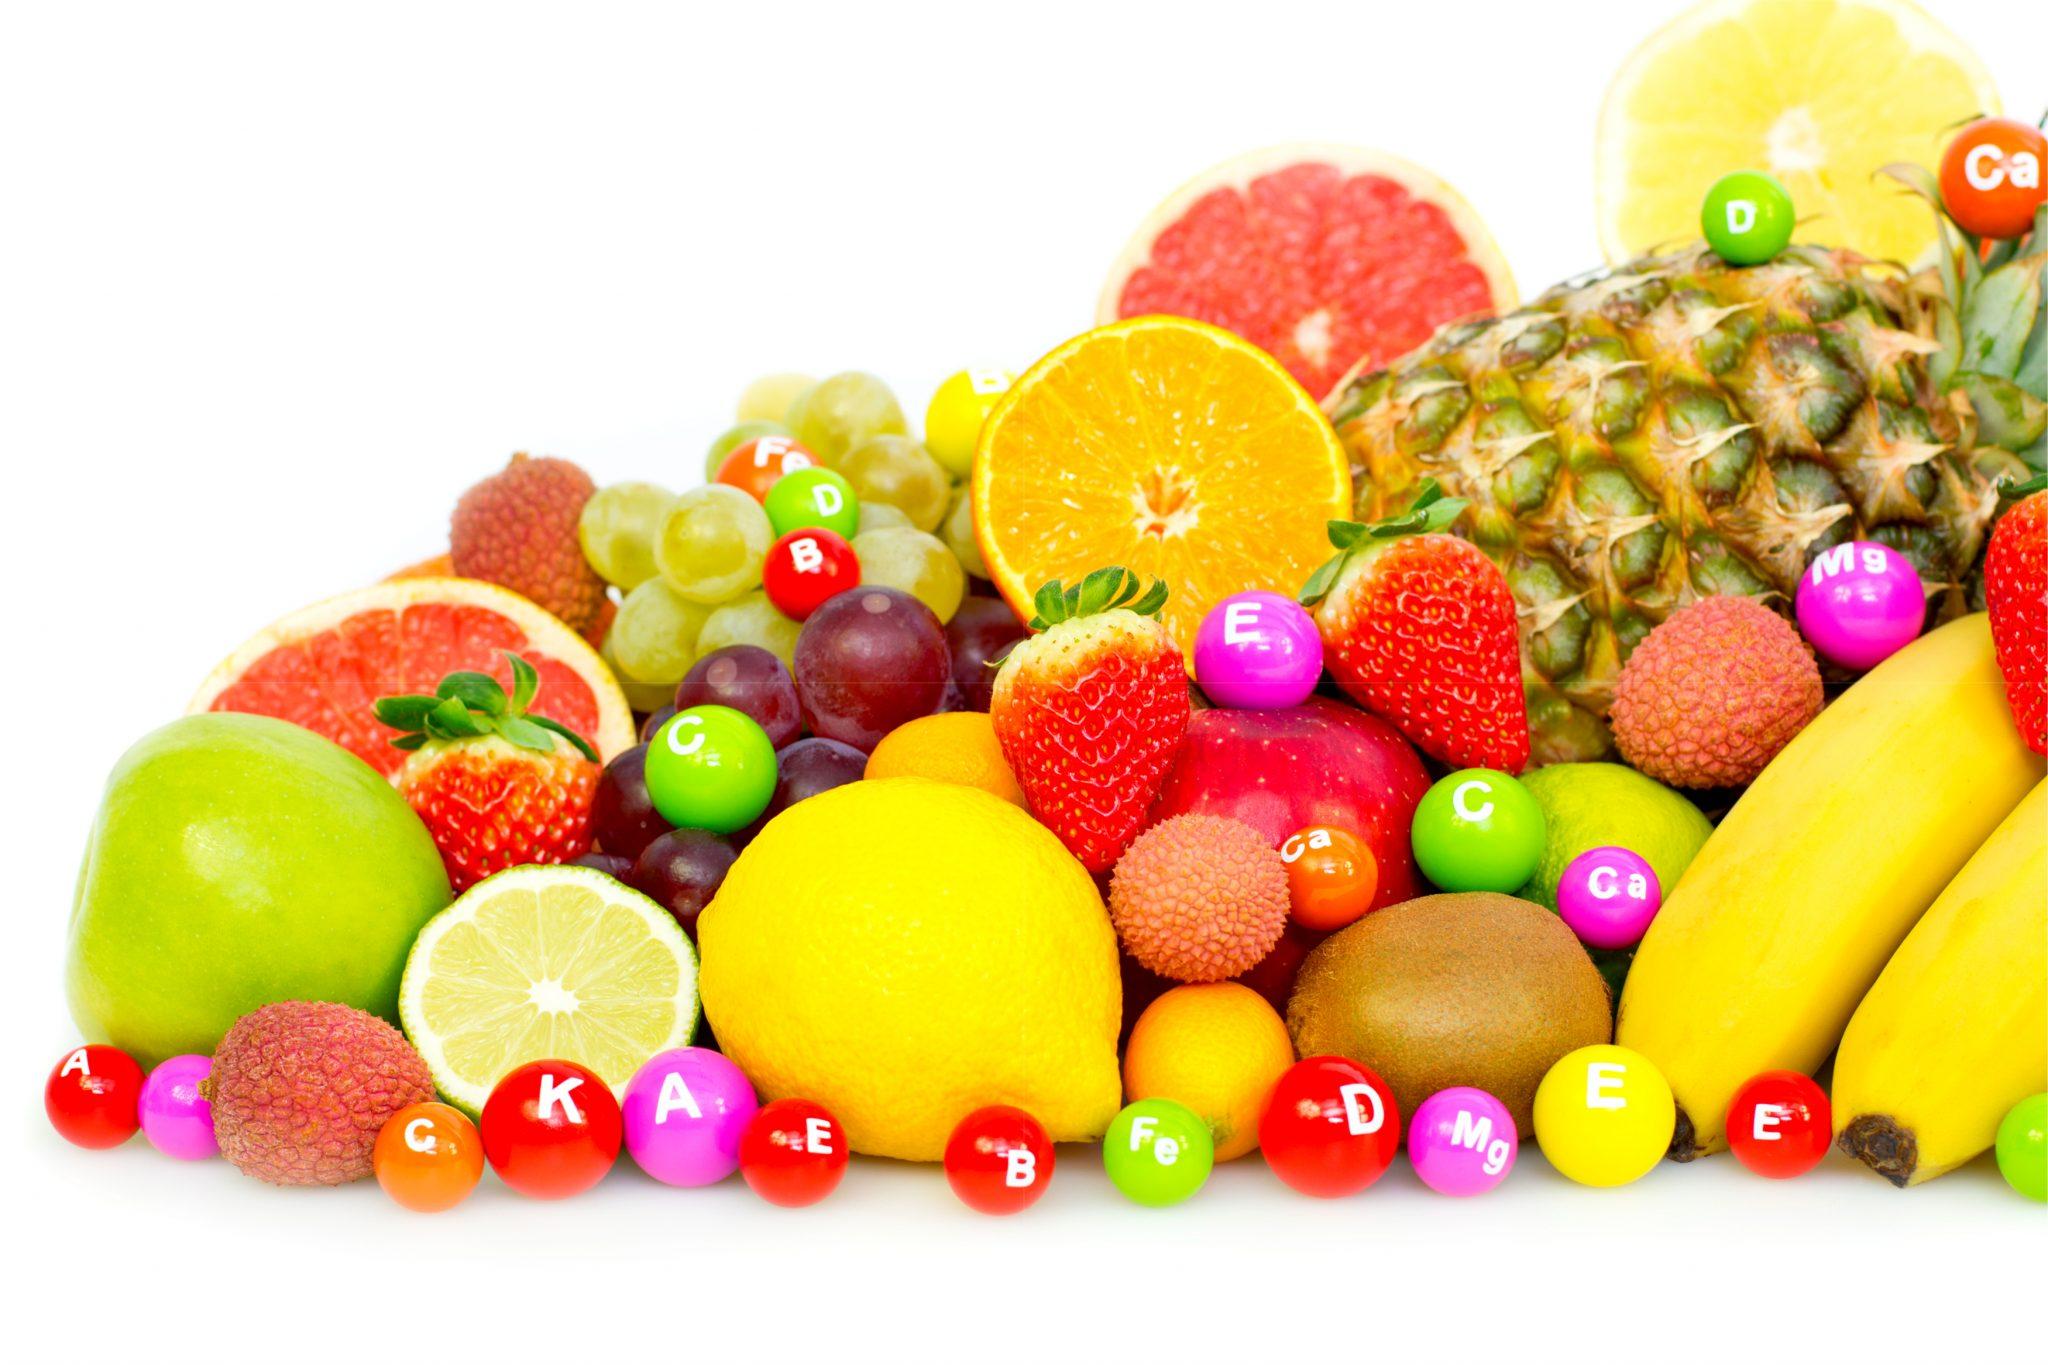 ビタミンたっぷりのフルーツ